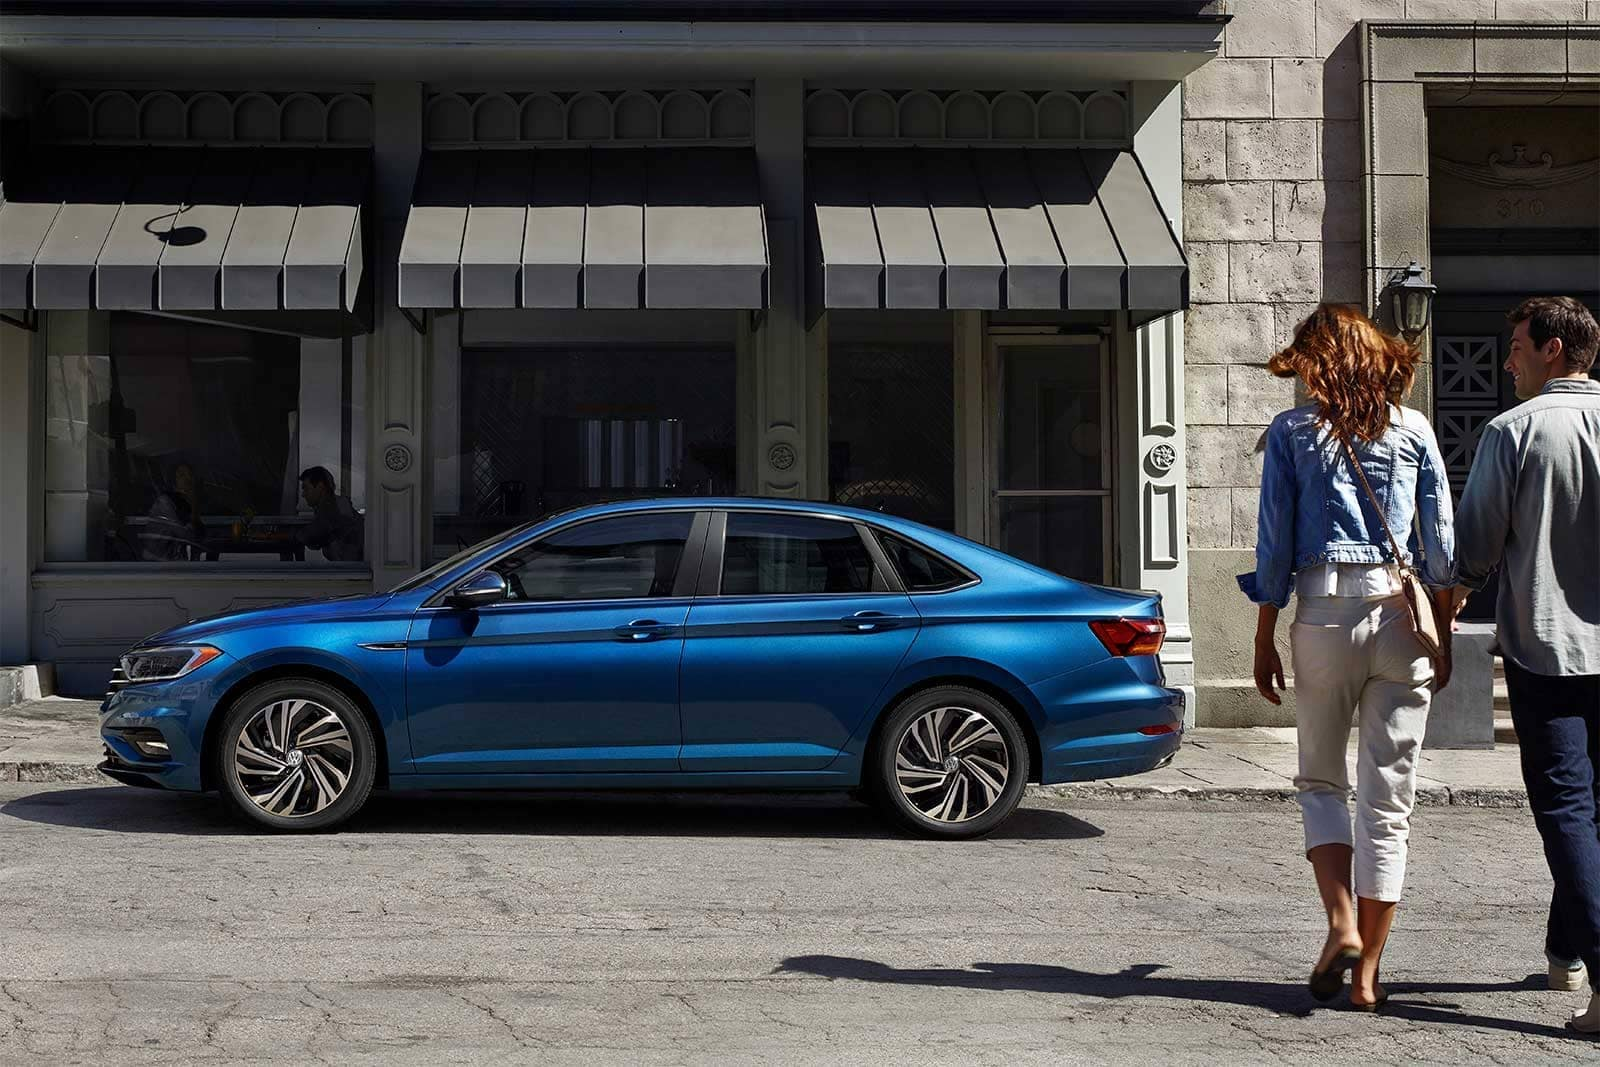 2019 VW Jetta Parked